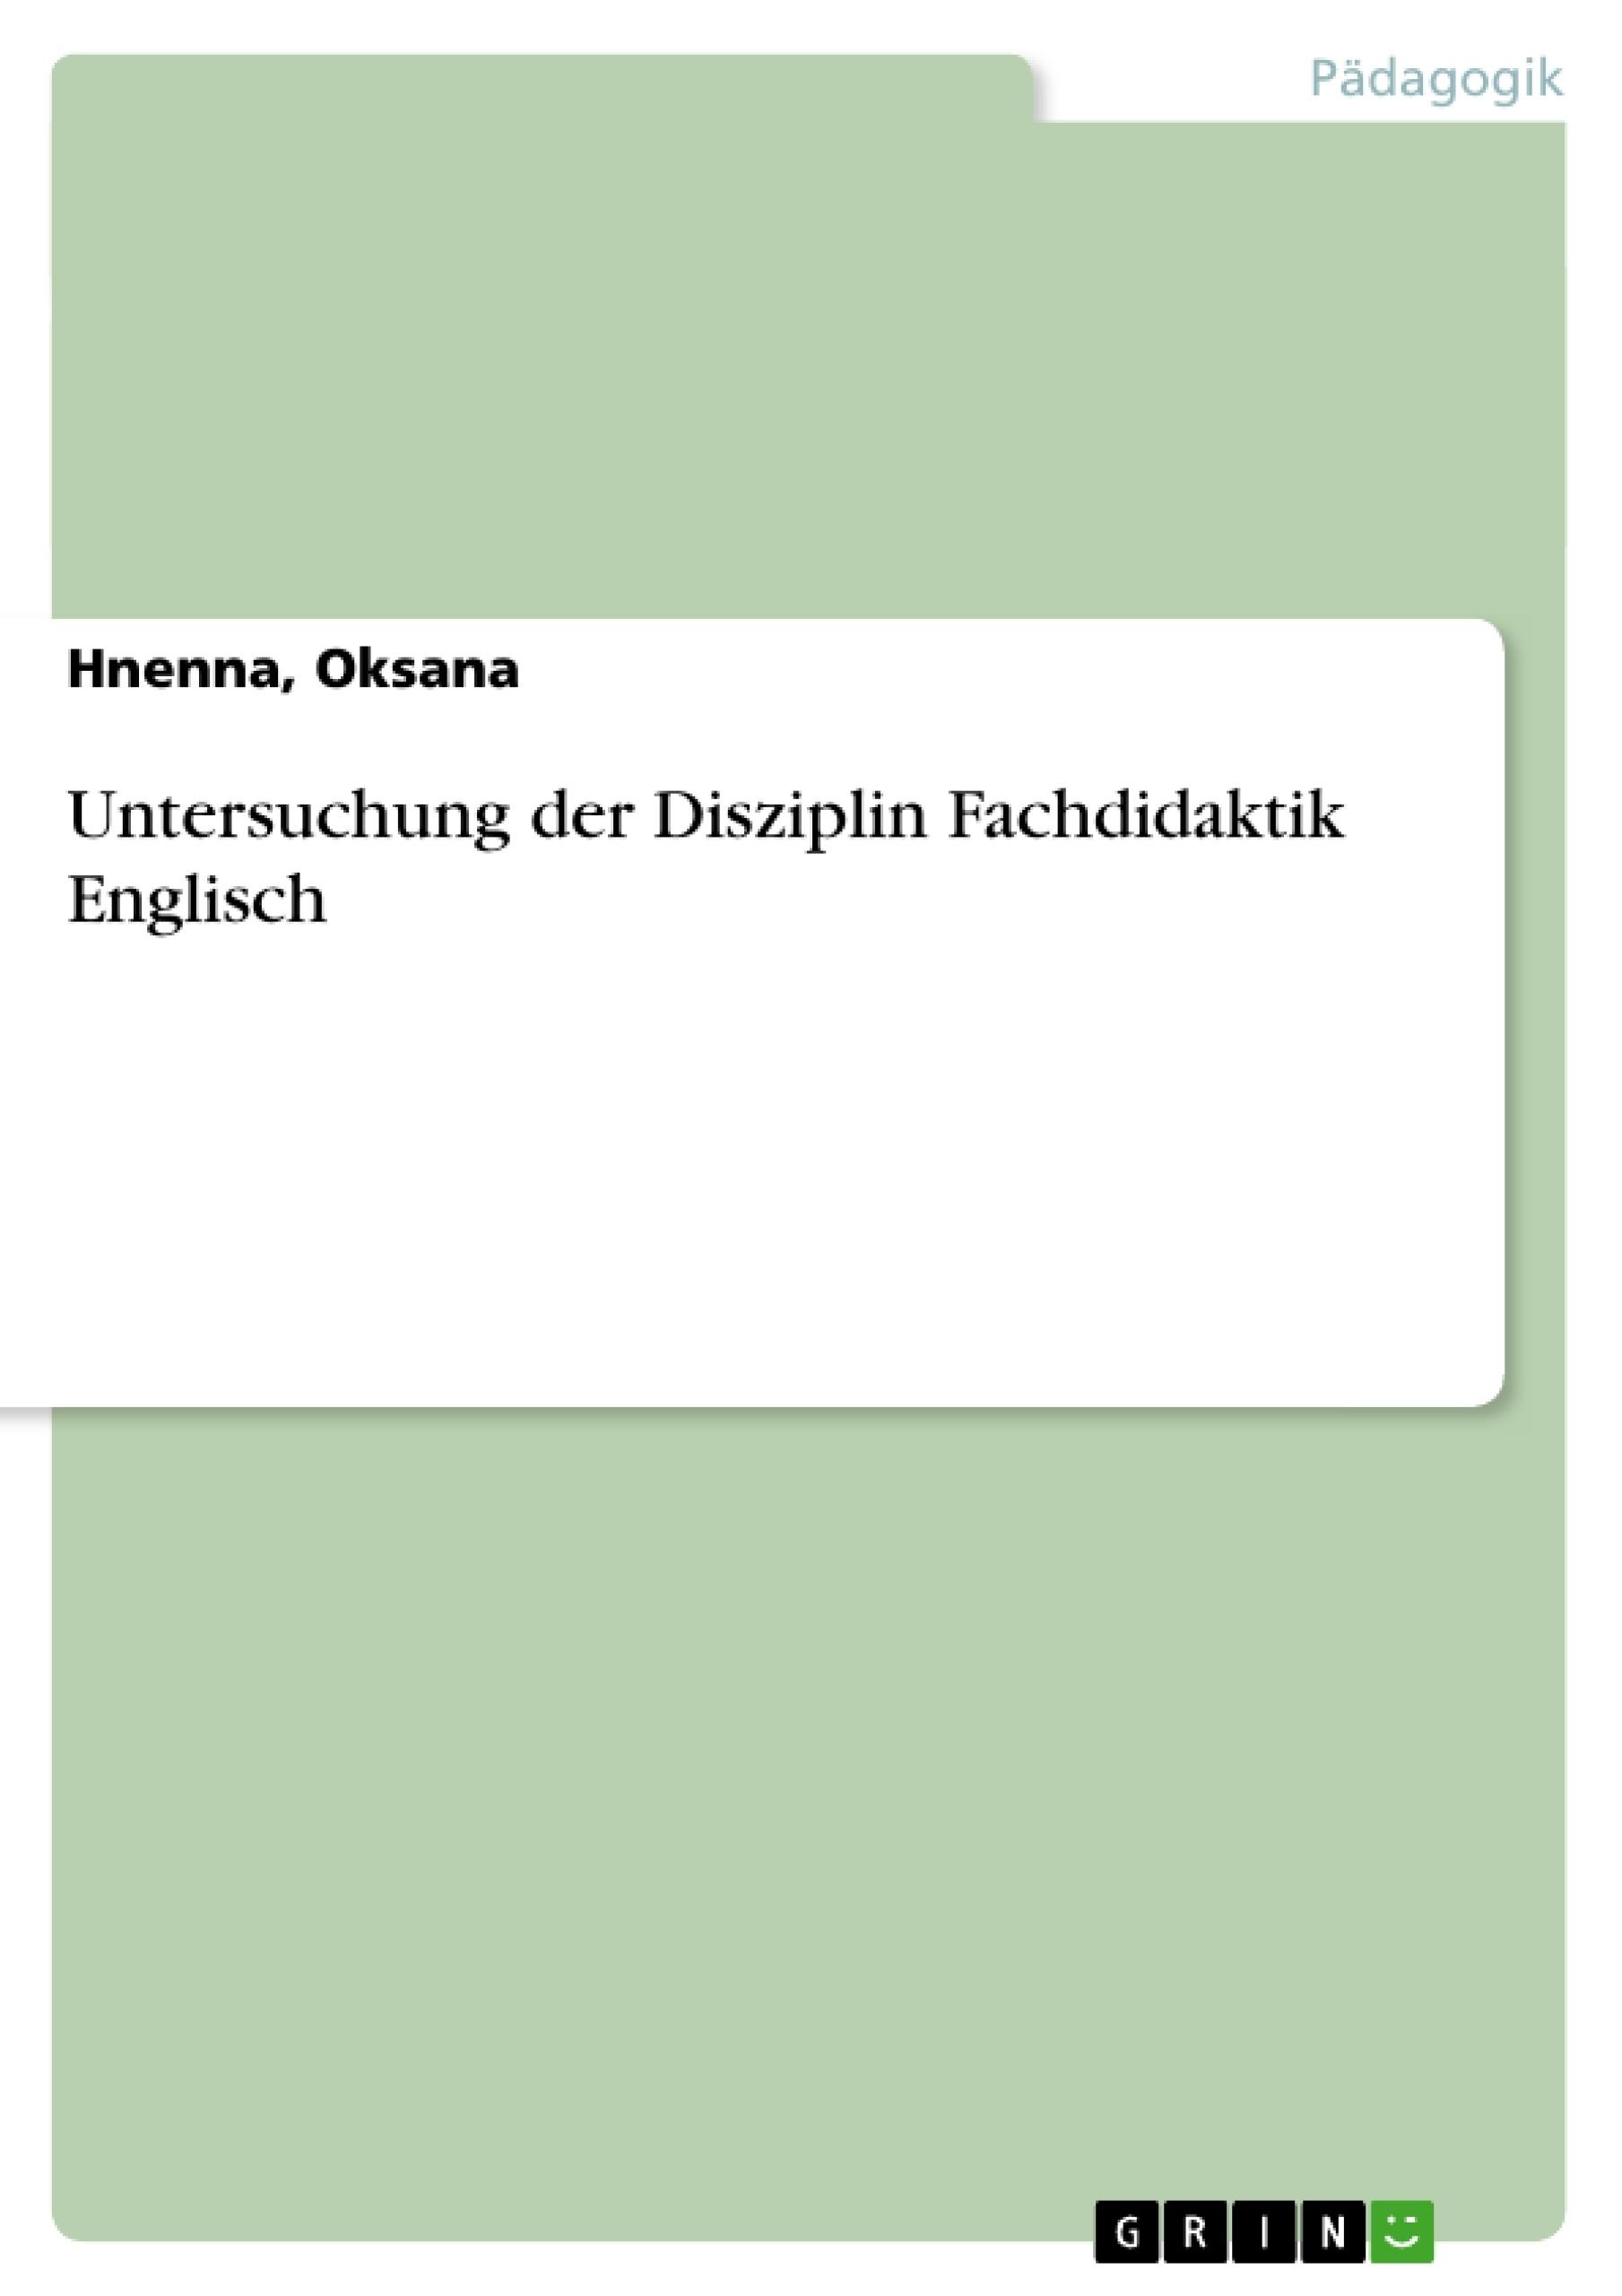 Titel: Untersuchung der Disziplin Fachdidaktik Englisch